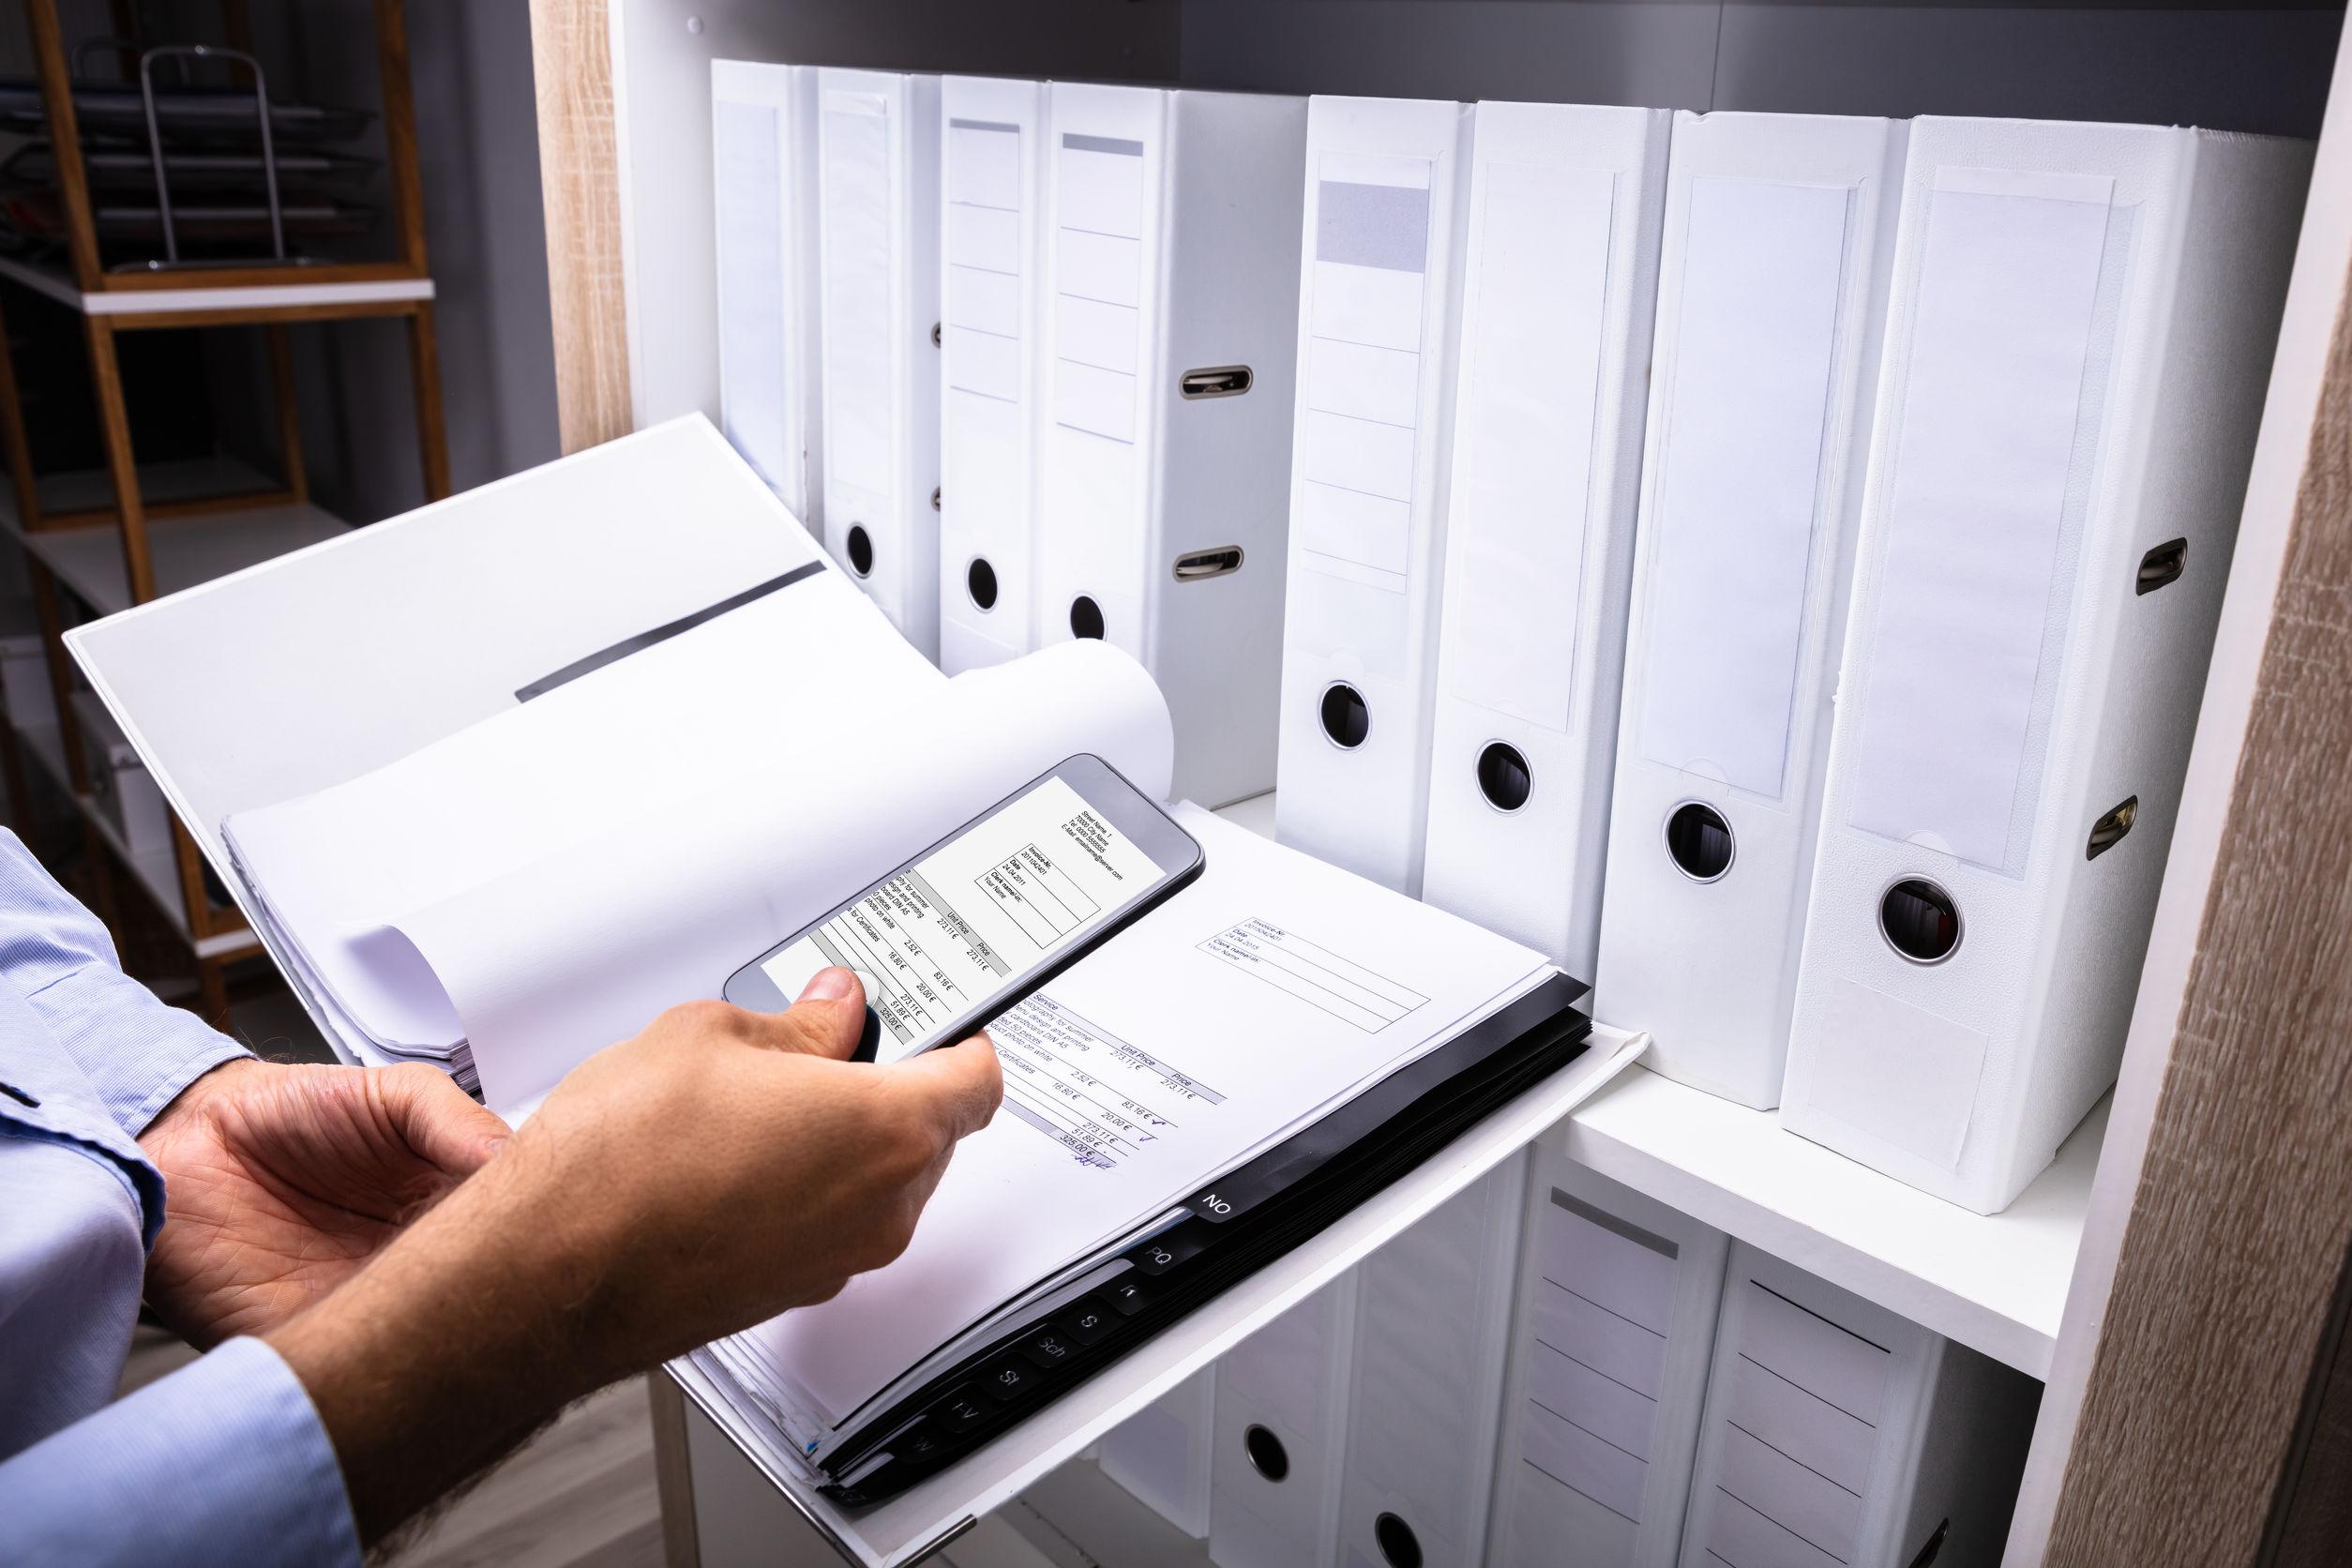 documentos que podem ser digitalizados por scanner portátil